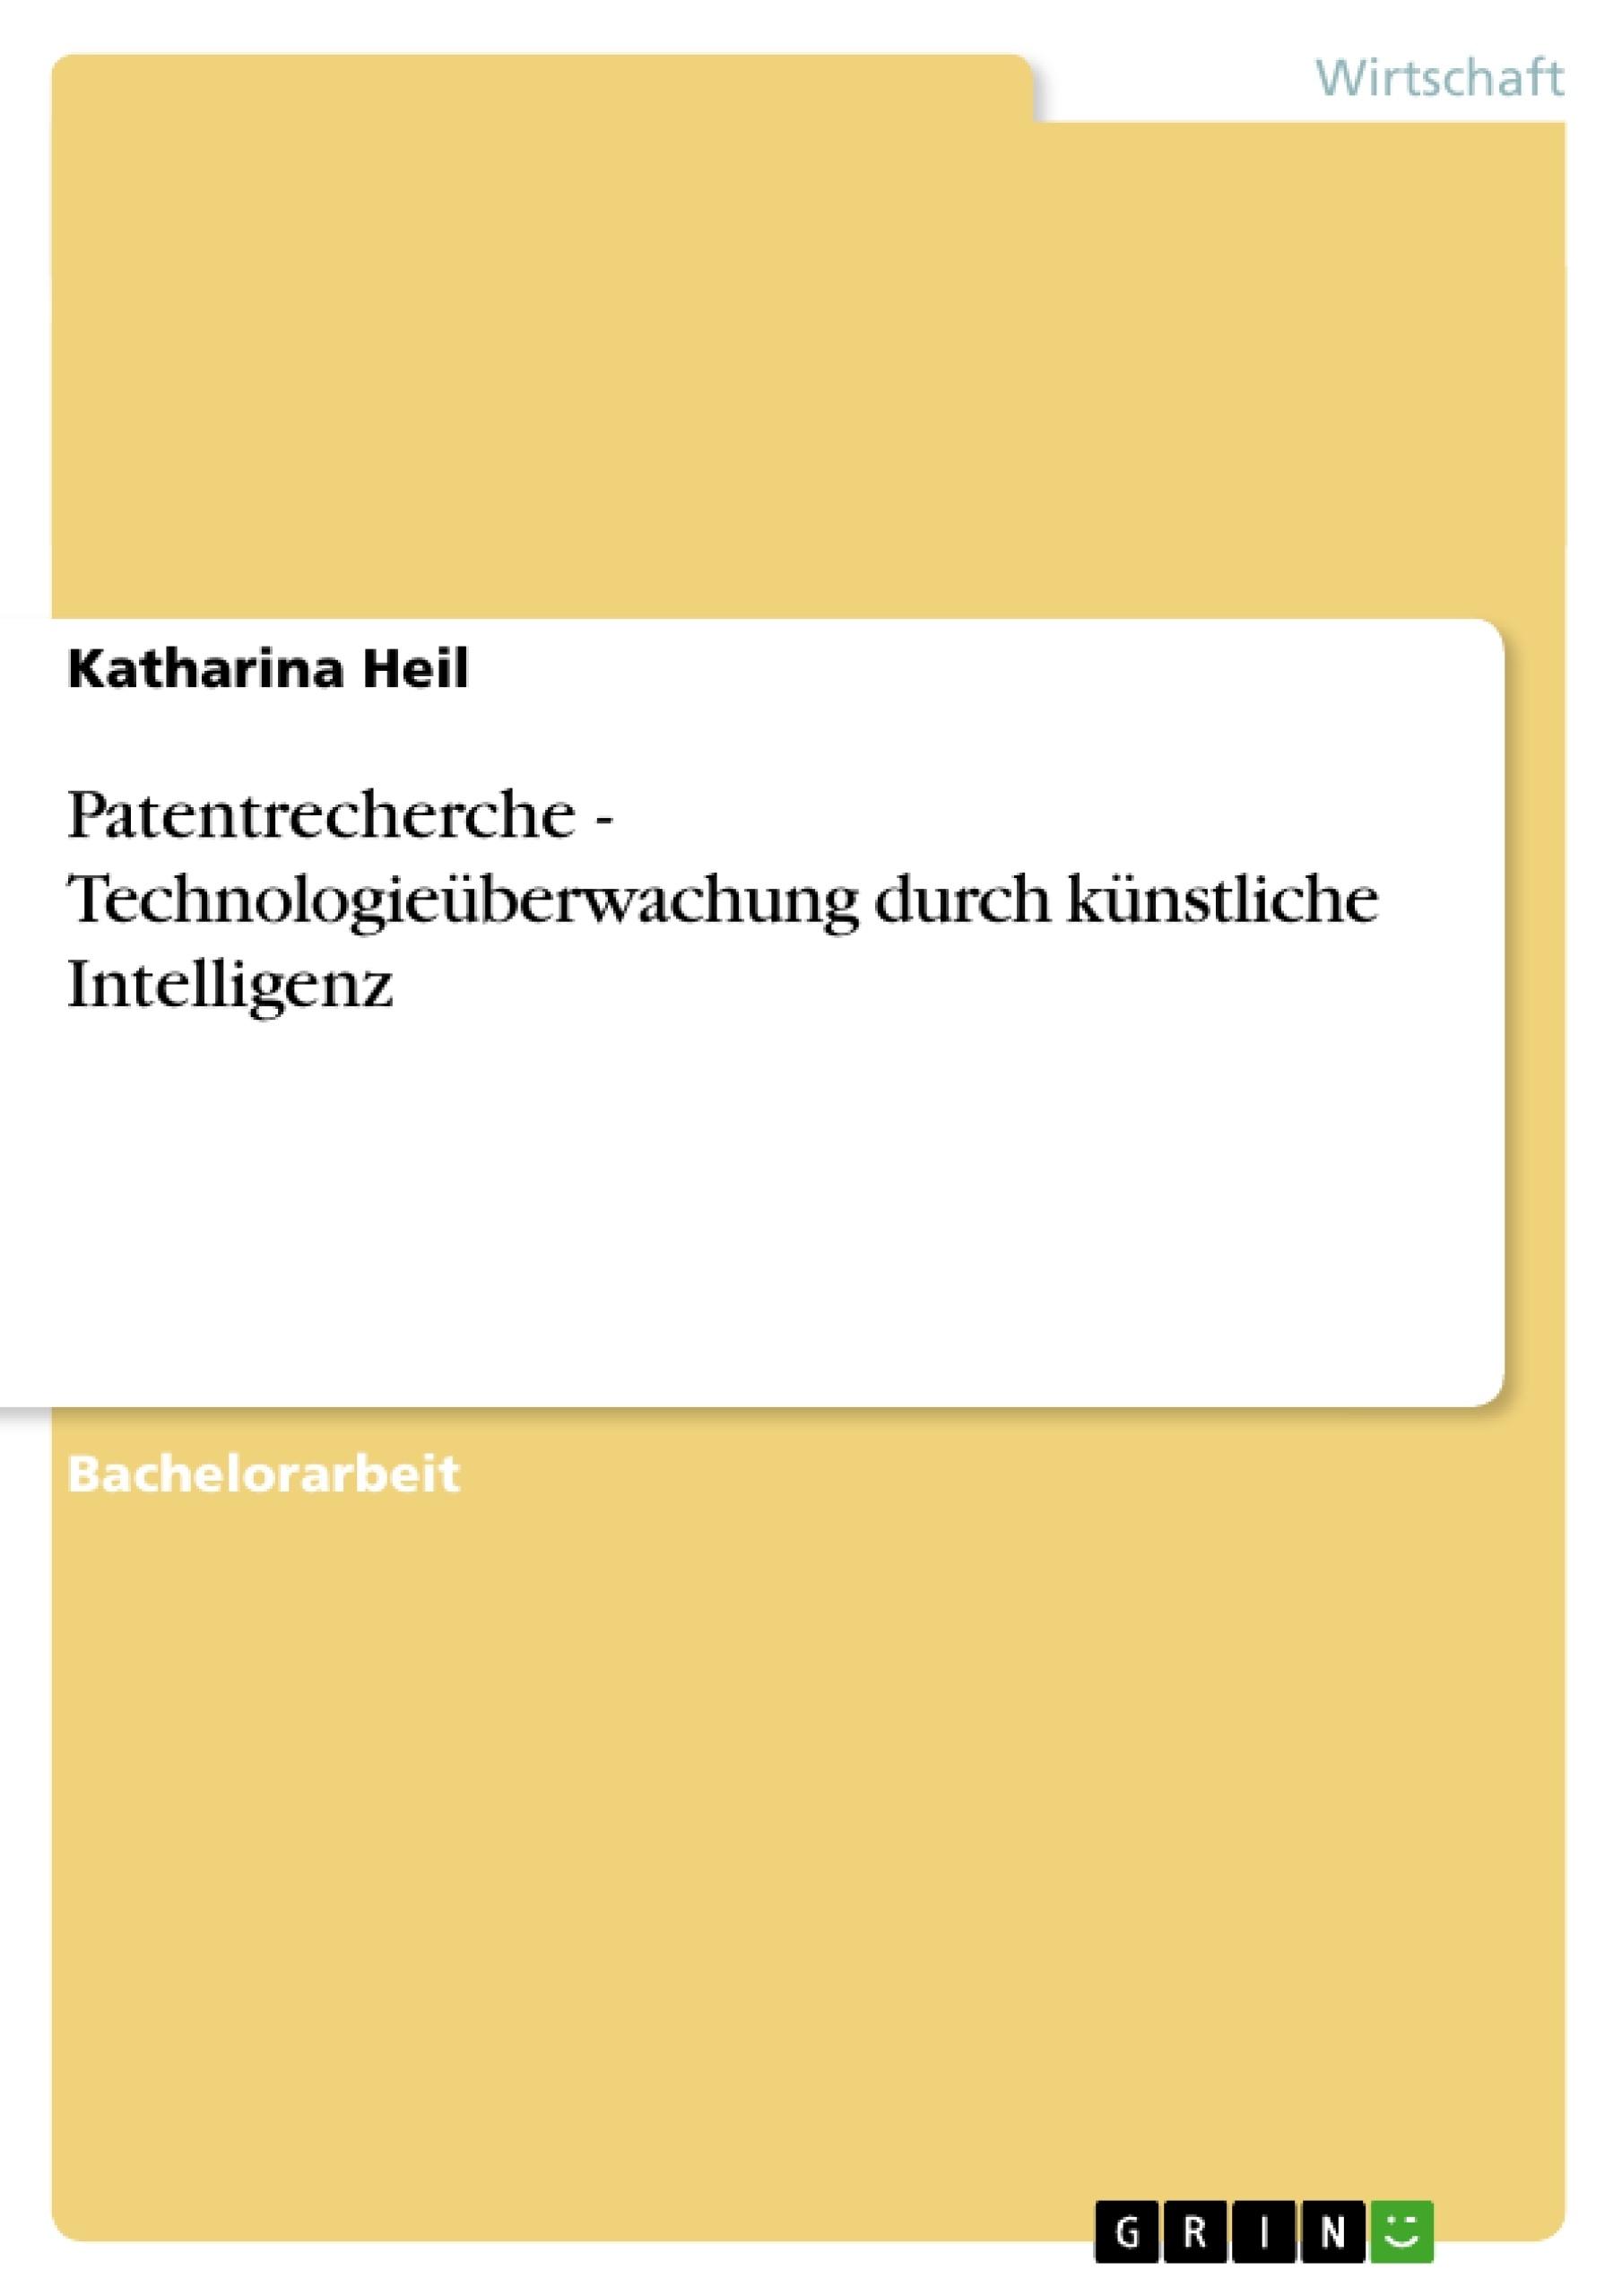 Titel: Patentrecherche - Technologieüberwachung durch künstliche Intelligenz